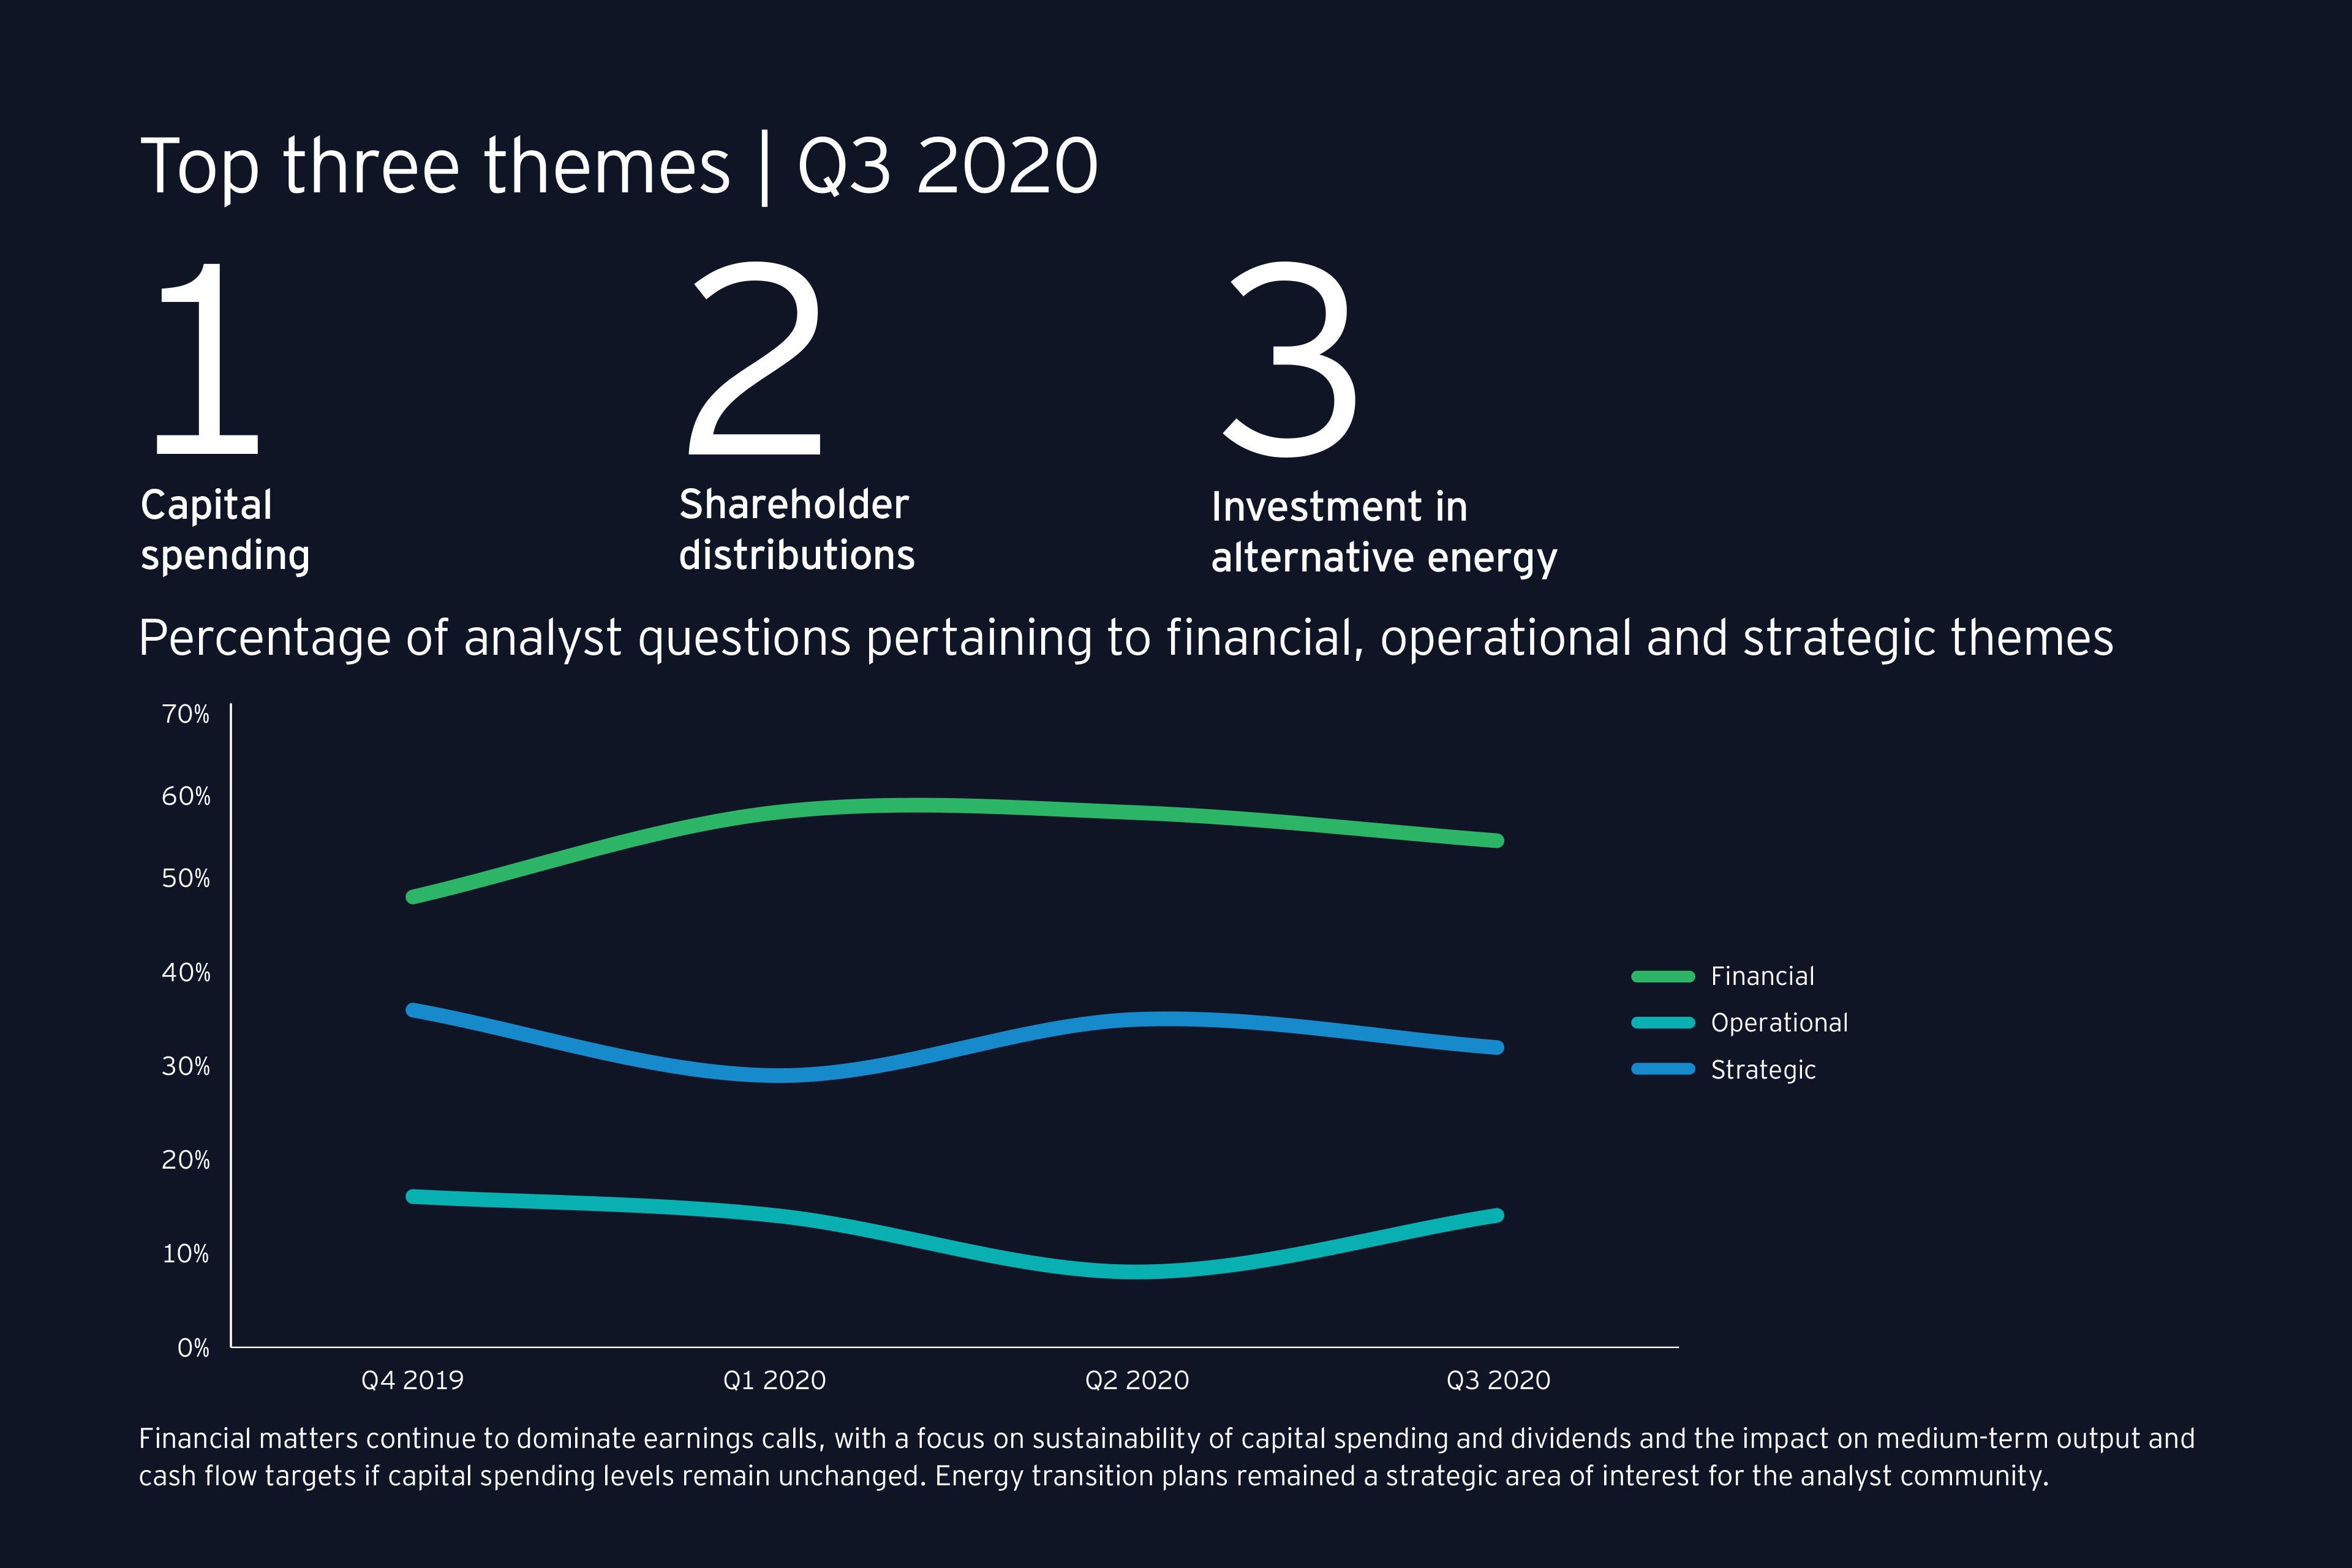 Relatório das tendências do terceiro trimestre de 2020